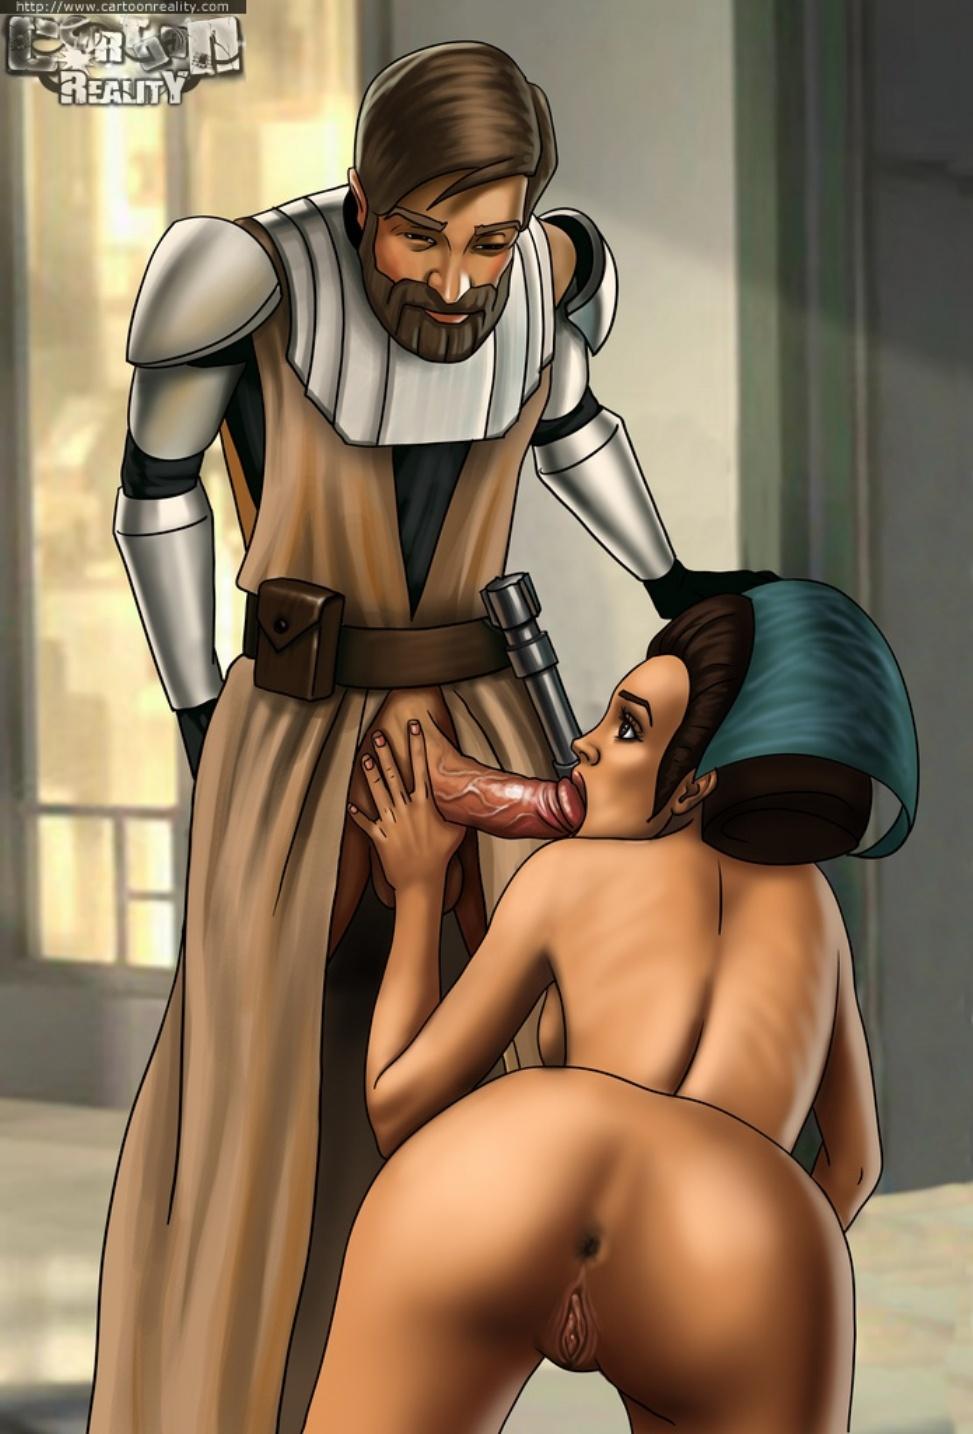 Онлайн порно звездные войны, взрослые женщины голые большие сиськи в ванной